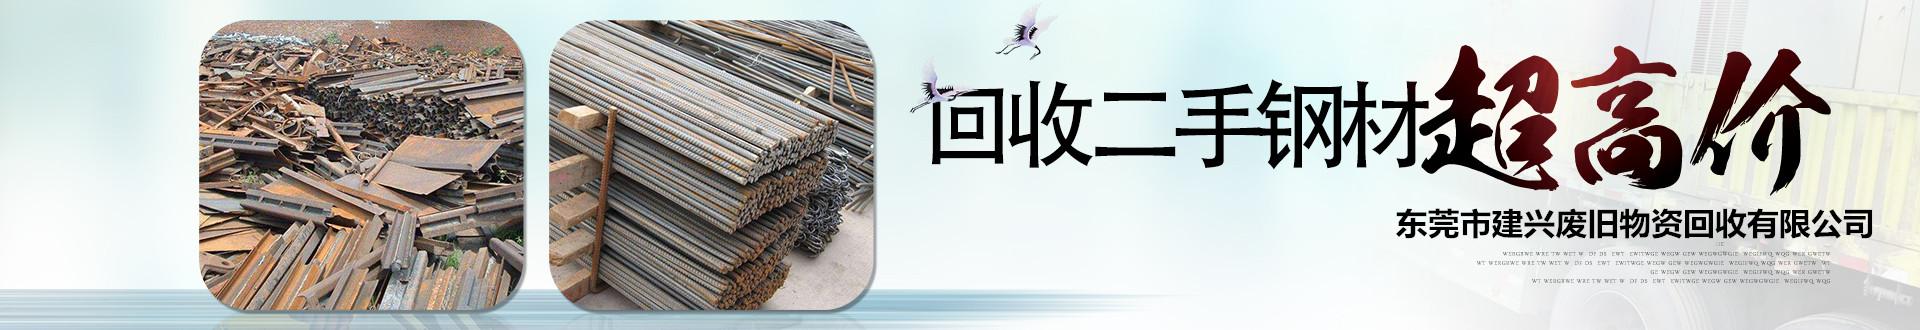 东莞市建兴废旧物资回收有限公司